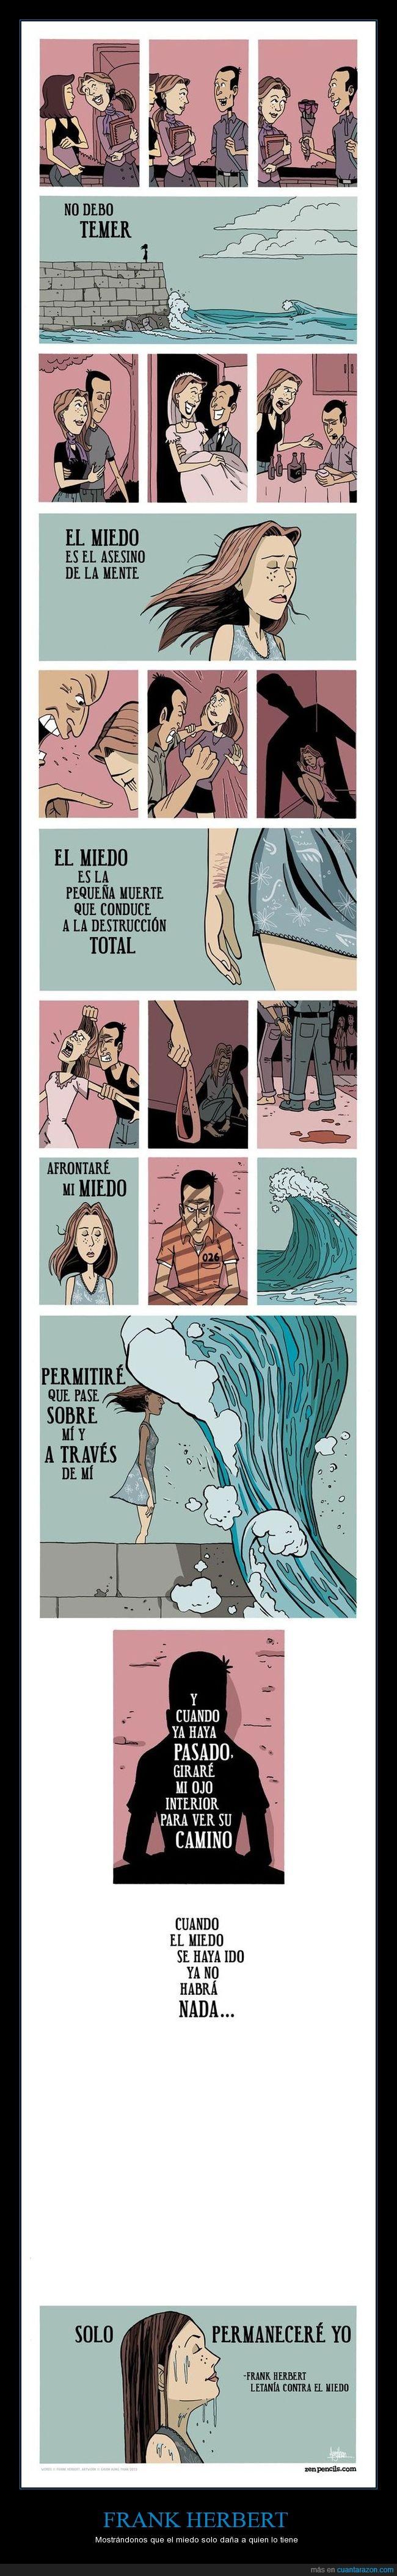 comic,Frank Herbert,historia,miedo,superación,violencia